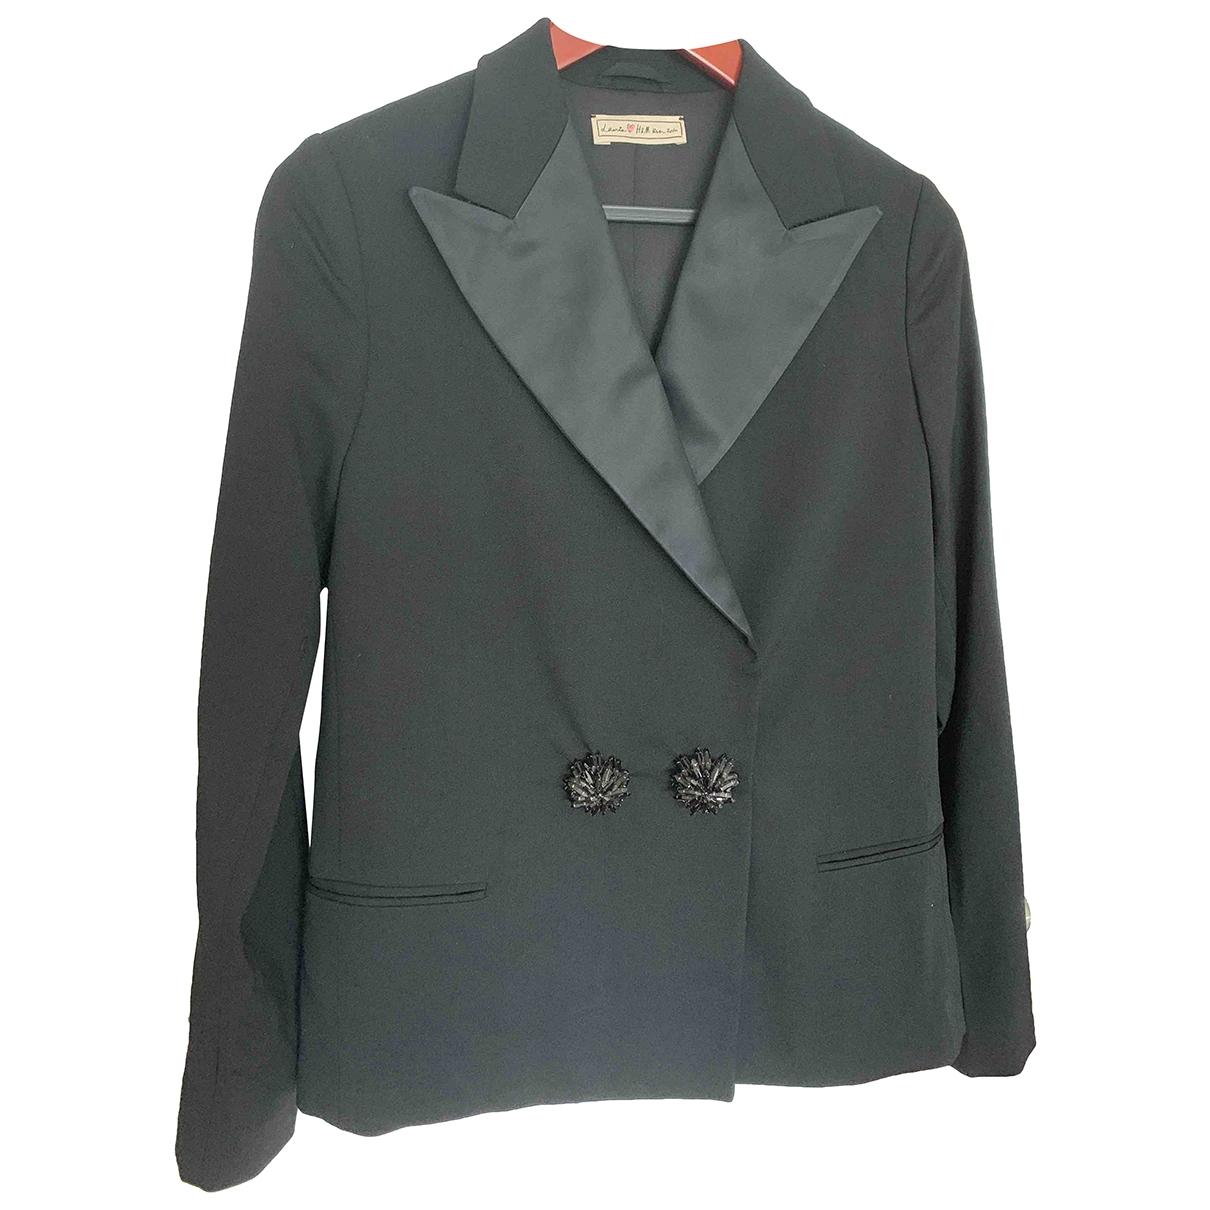 Lanvin For H&m - Veste   pour femme en laine - noir